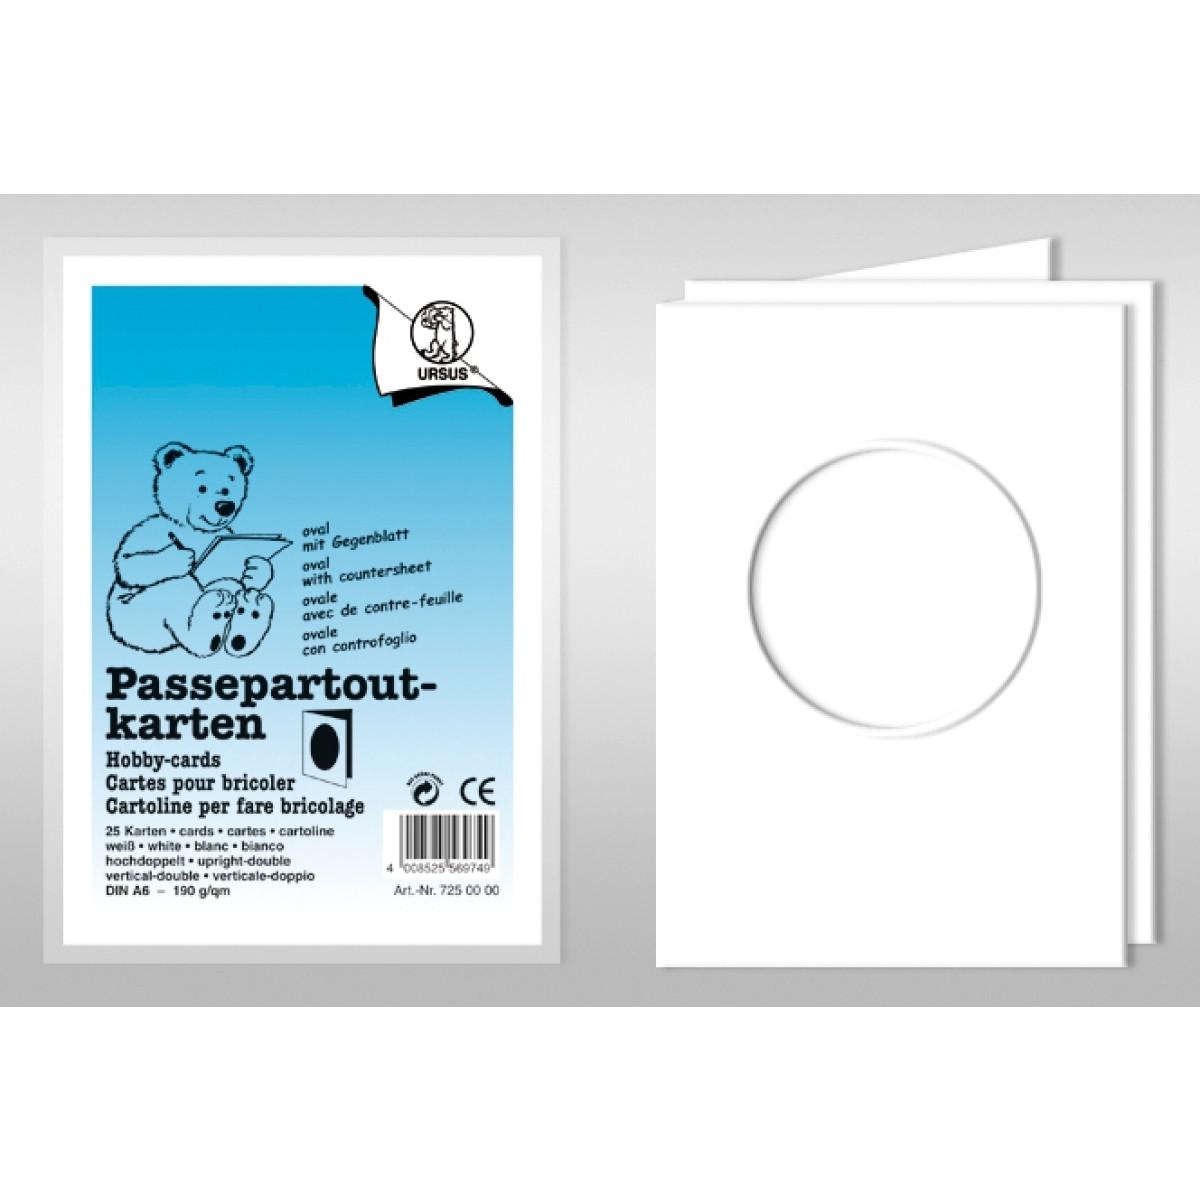 Passepartoutkarten rund mit Briefumschlägen DIN A6 hochdoppelt - 5 Stück